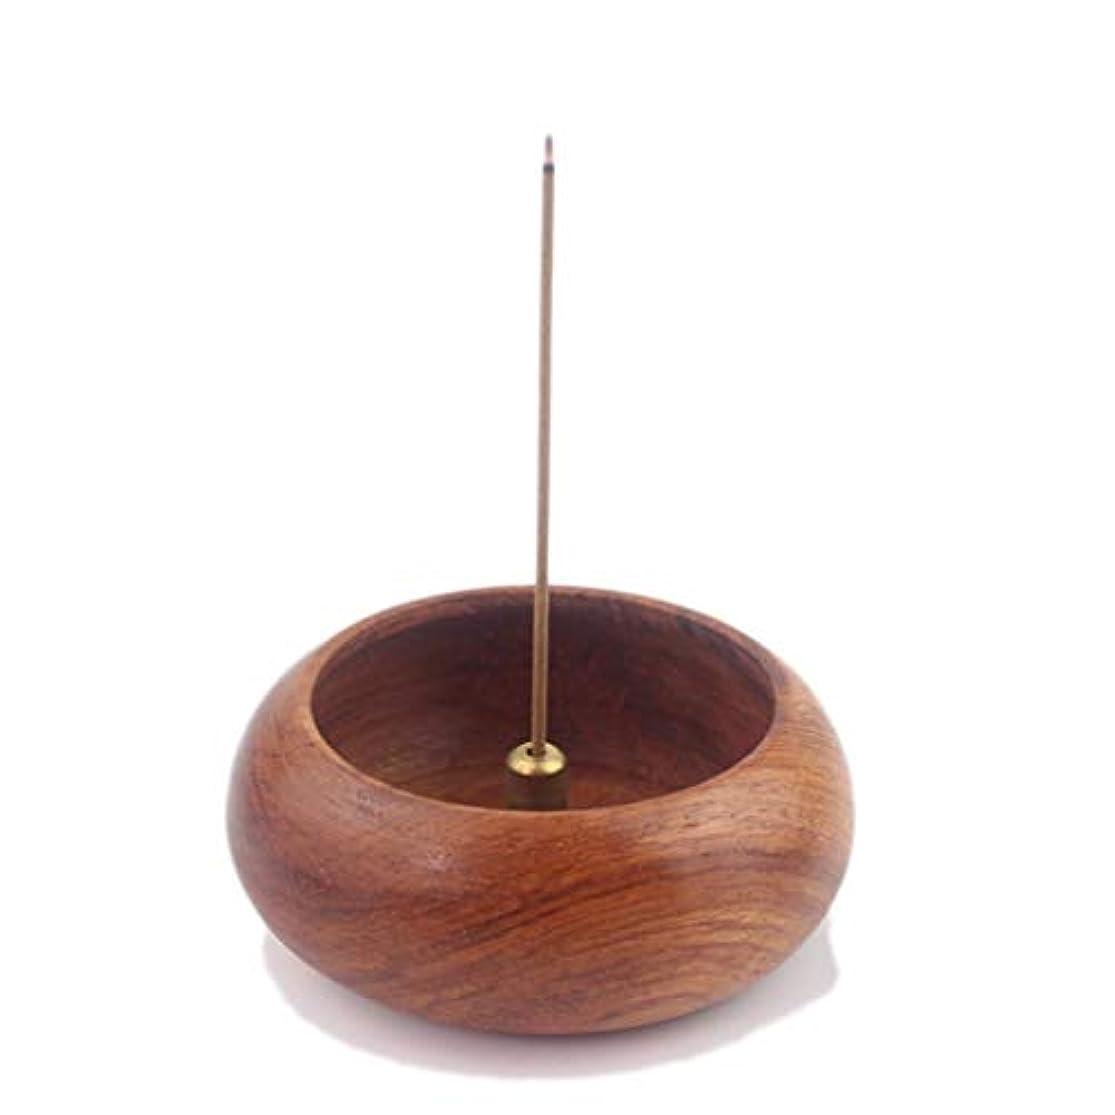 必需品見てこするローズウッドボウル型香炉ホルダーキャンドルアロマセラピー炉香ホルダーホームリビングルーム香バーナー装飾 芳香器?アロマバーナー (Color : Wood, サイズ : 6.2*2.4cm)